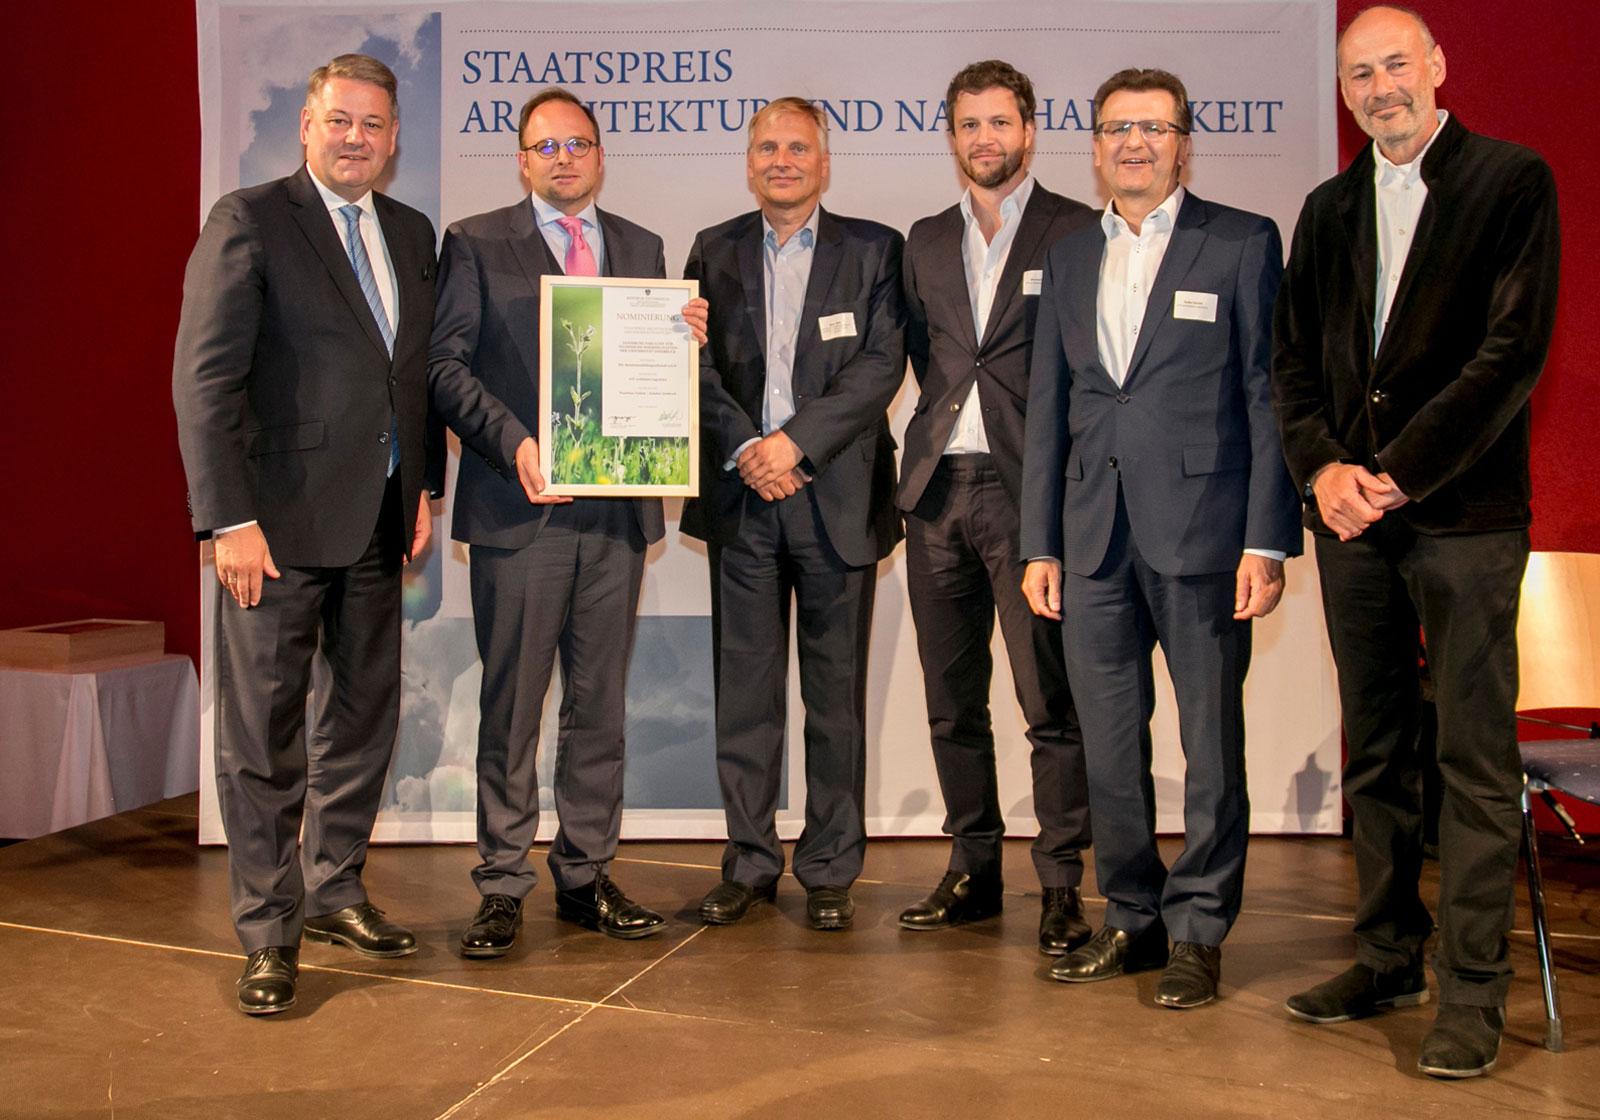 from left.: Minister Andrä Rupprechter, Maximilian Pammer and Dirk Jäger (BIG), Paul Ohnmacht and Gerald Hulka (ATP Innsbruck), Professor Roland Gnaiger. Photo: Jan Hetfleisch